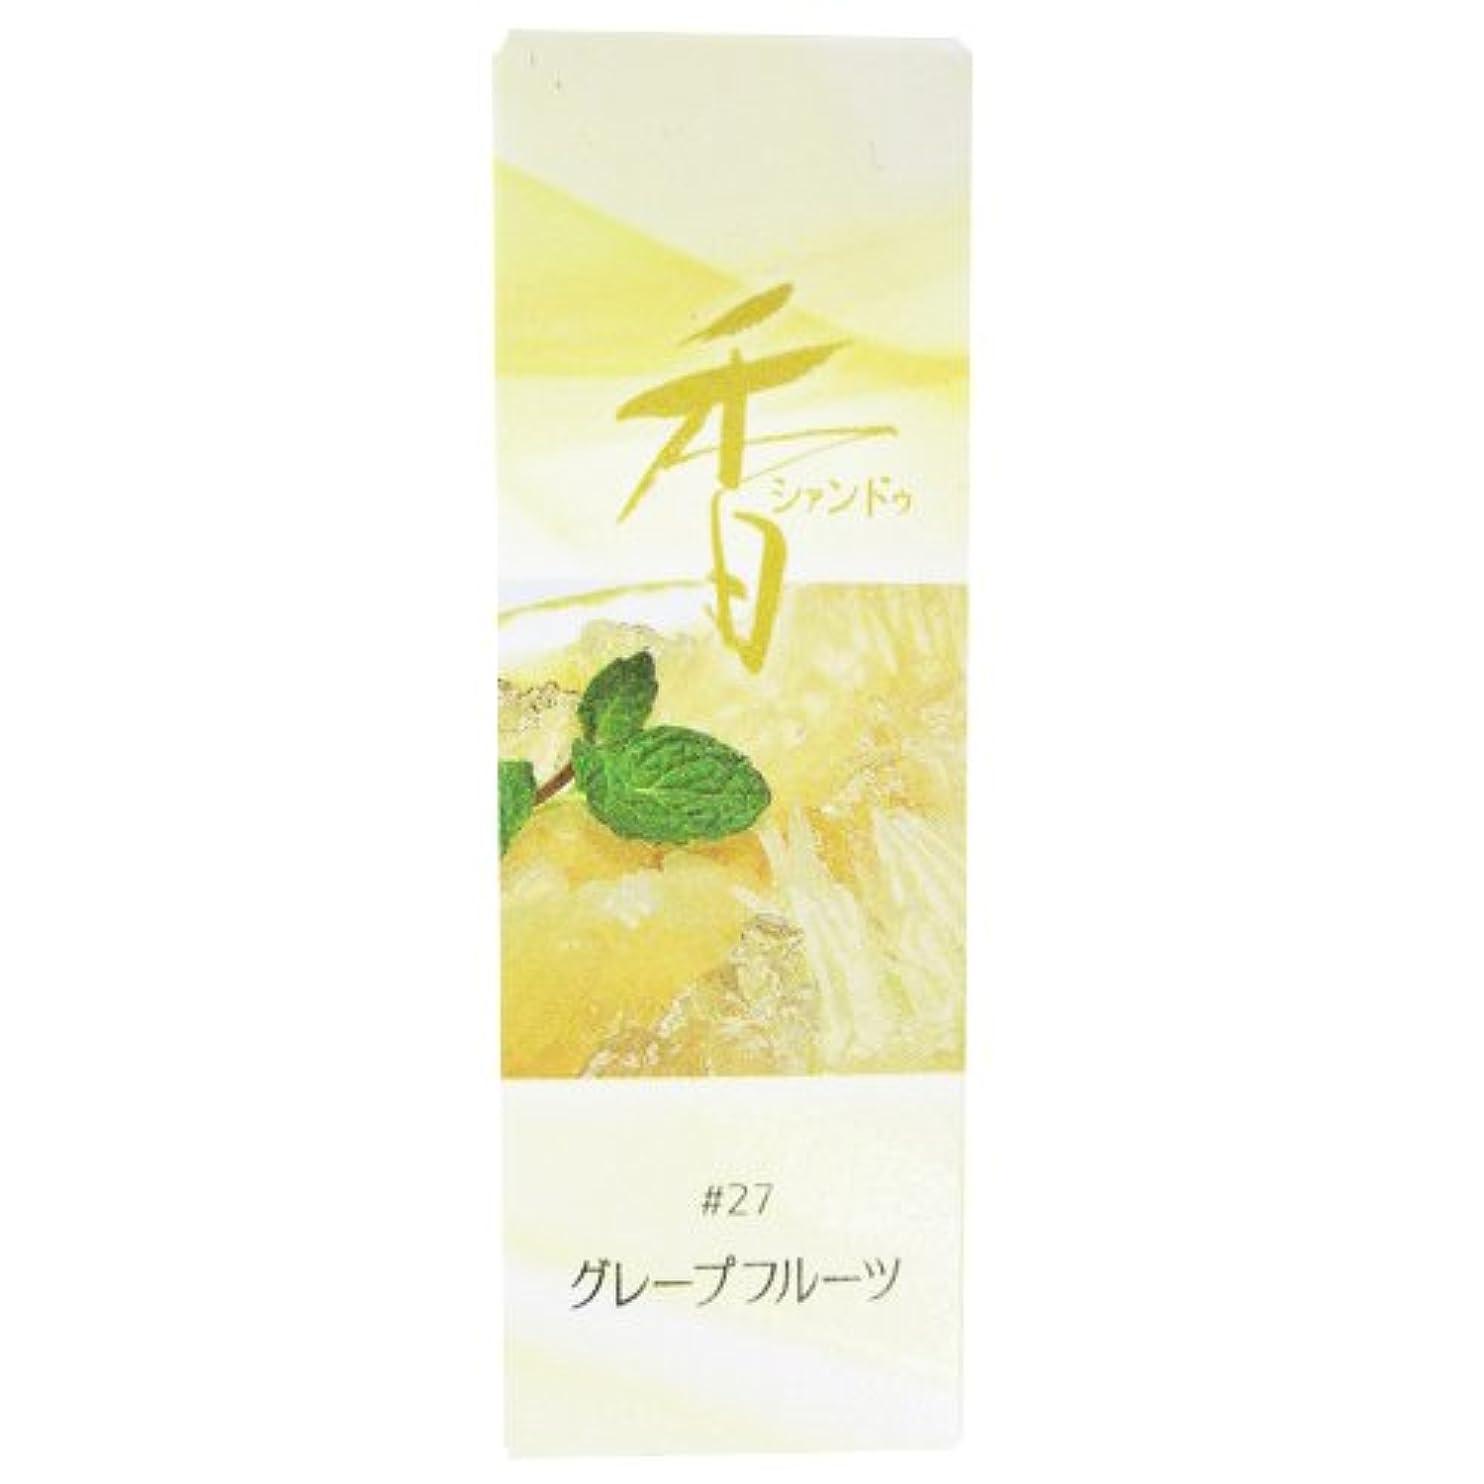 メニューリード黙認する松栄堂のお香 Xiang Do(シャンドゥ) グレープフルーツ ST20本入 簡易香立付 #214227